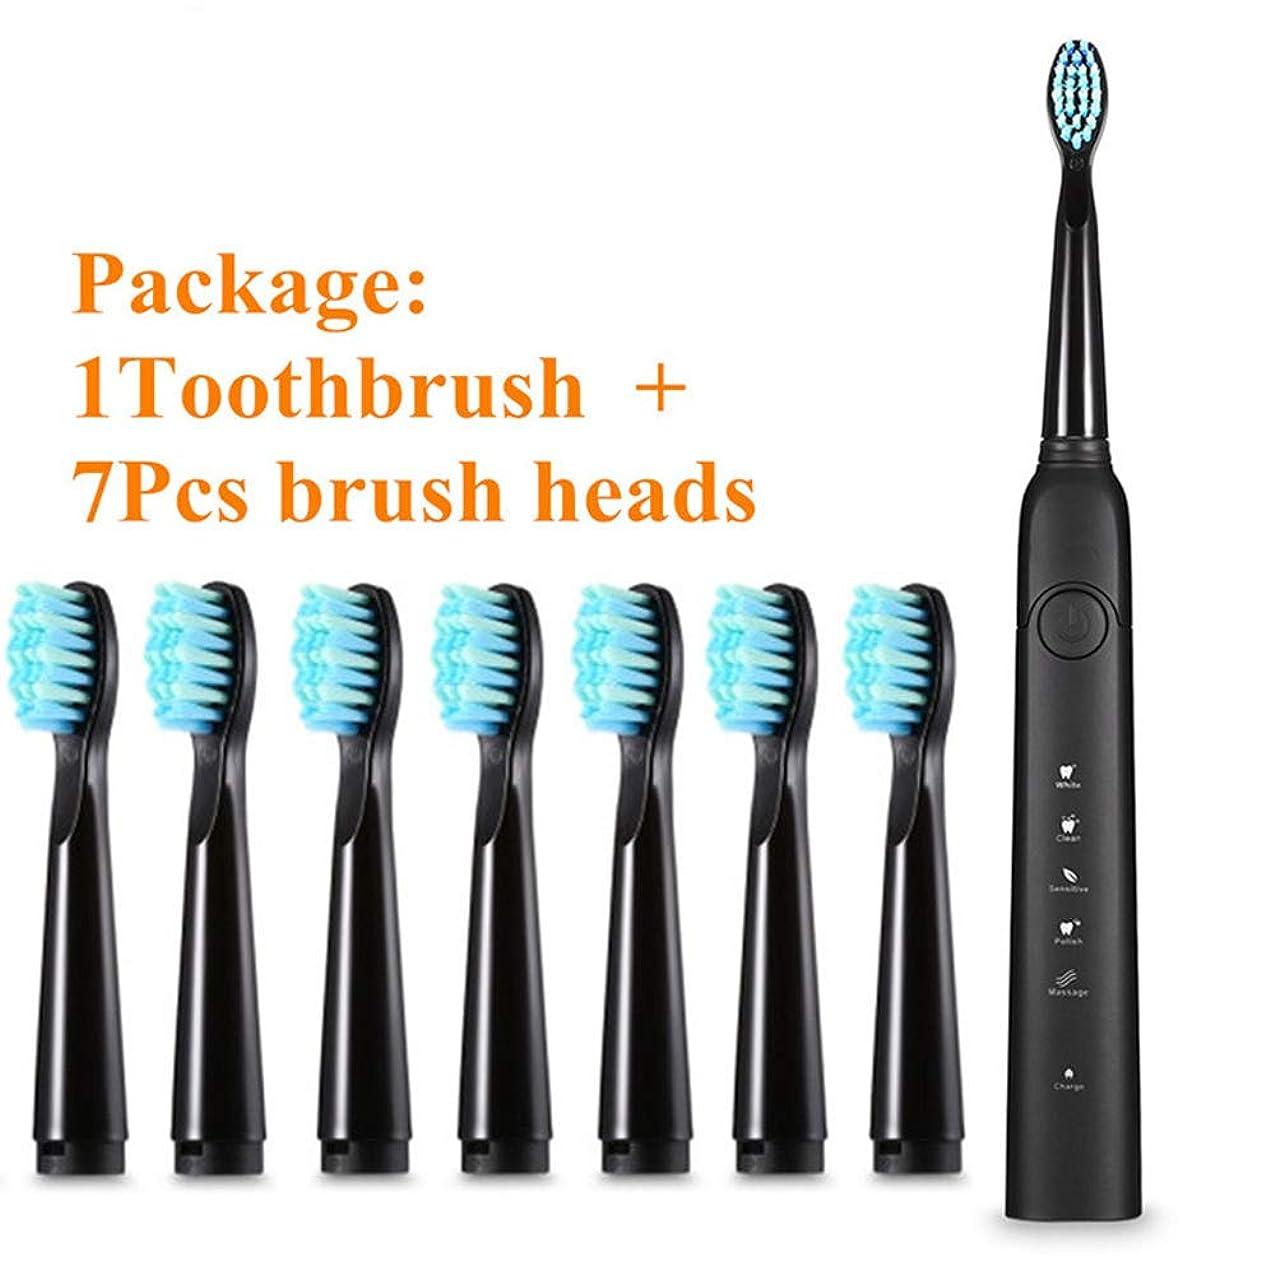 ローズ社員付録電動ソニック歯ブラシUSB充電式防水電動歯ブラシ、7つのブラシヘッド付きスマートタイマー歯ブラシ